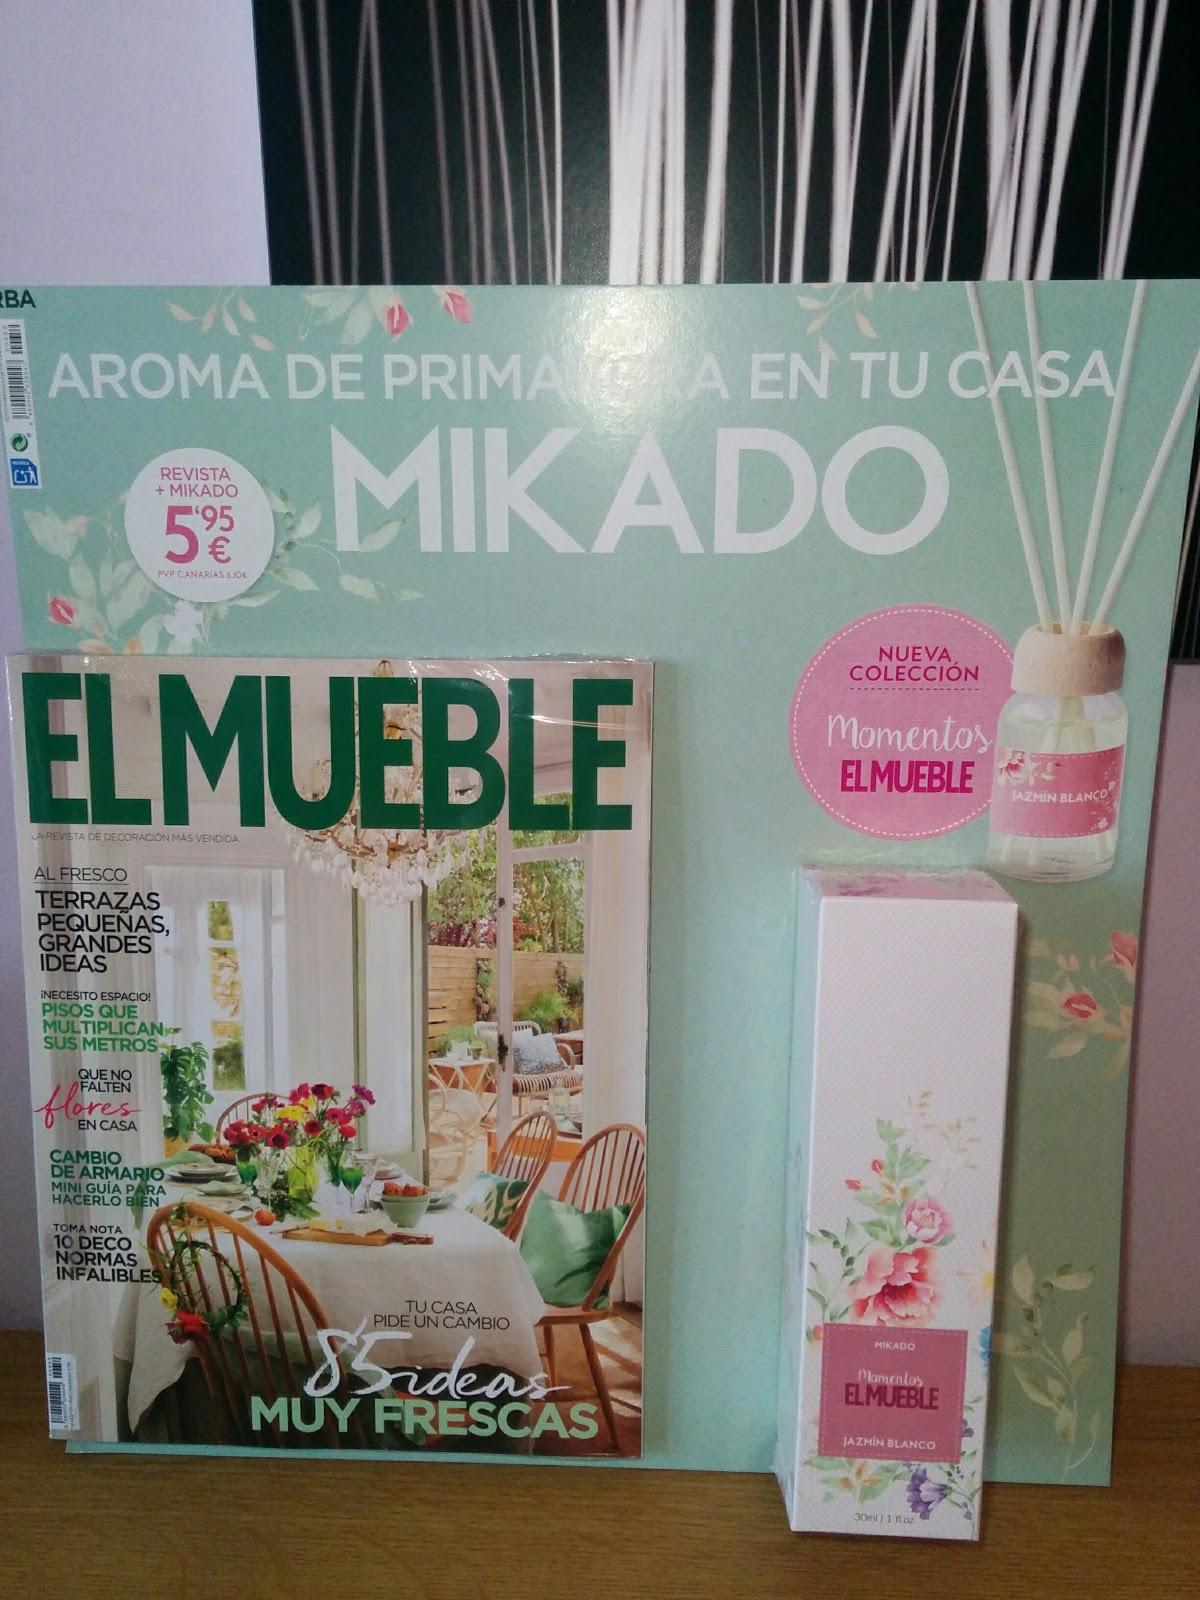 siempre me gustaron la revistas de decoracin y en primavera suelen tener unas muy frescas en esta edicion trae con flores